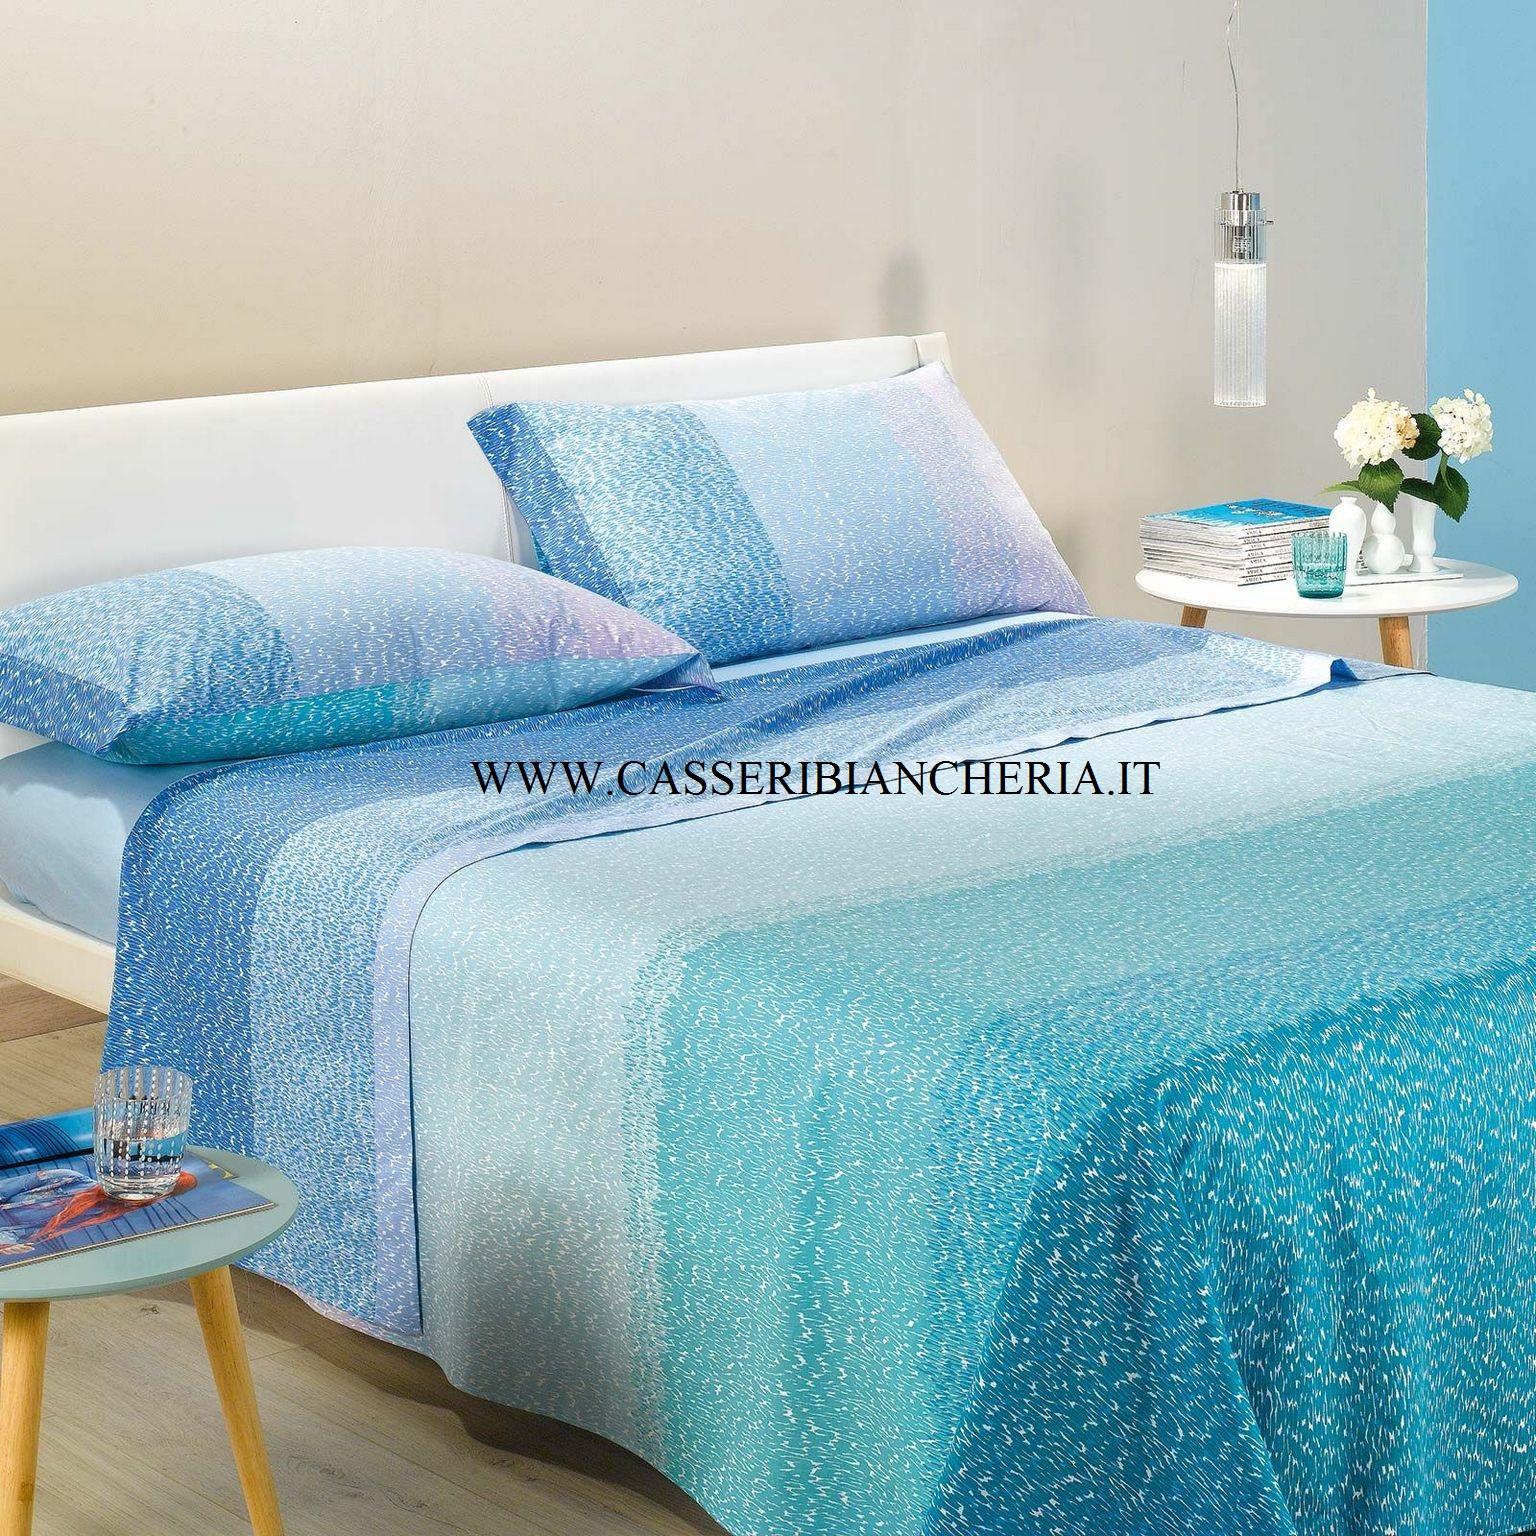 Completo lenzuola copriletto singolo caleffi multicolor bluette casseri biancheria - Completo lenzuola letto singolo ...